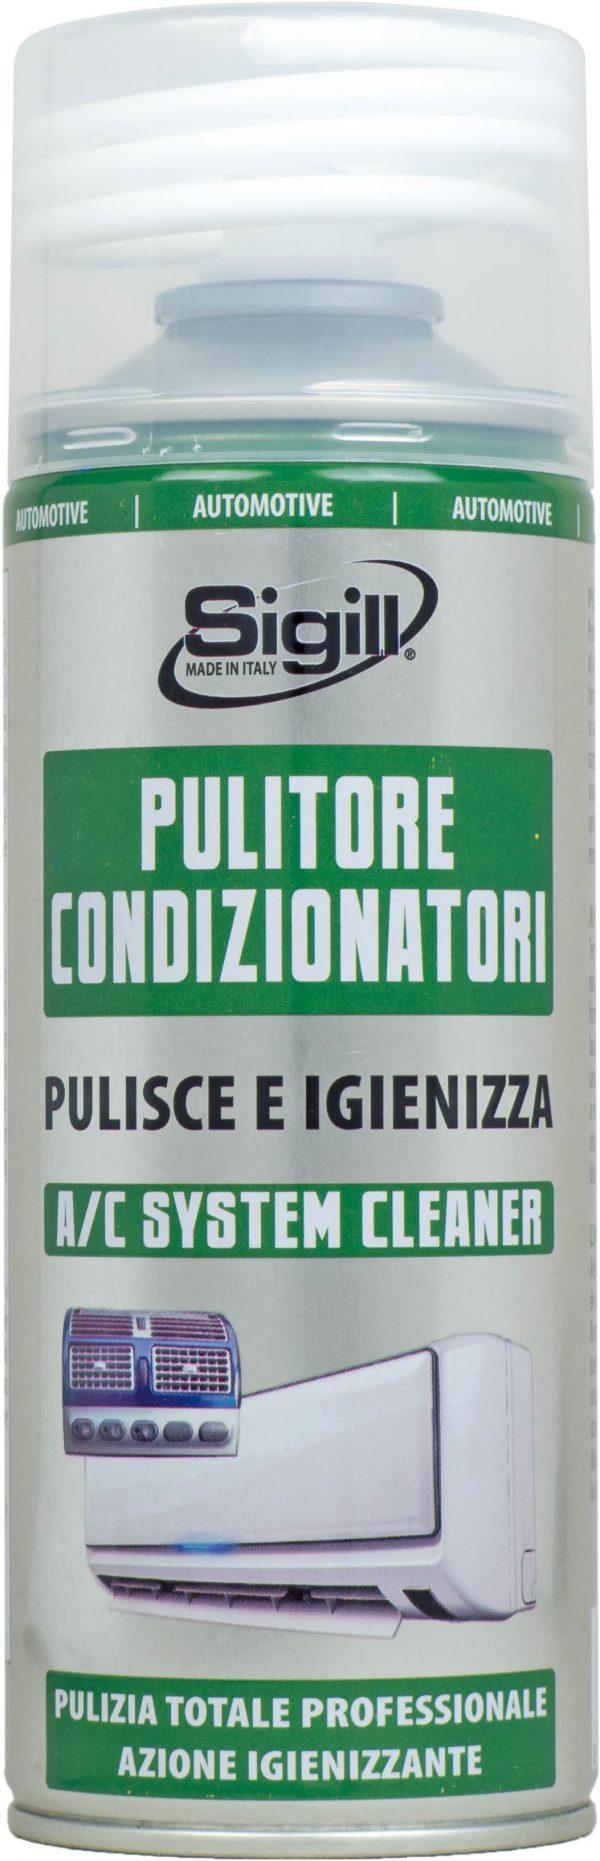 Prodotti per auto pulitore condizionatori